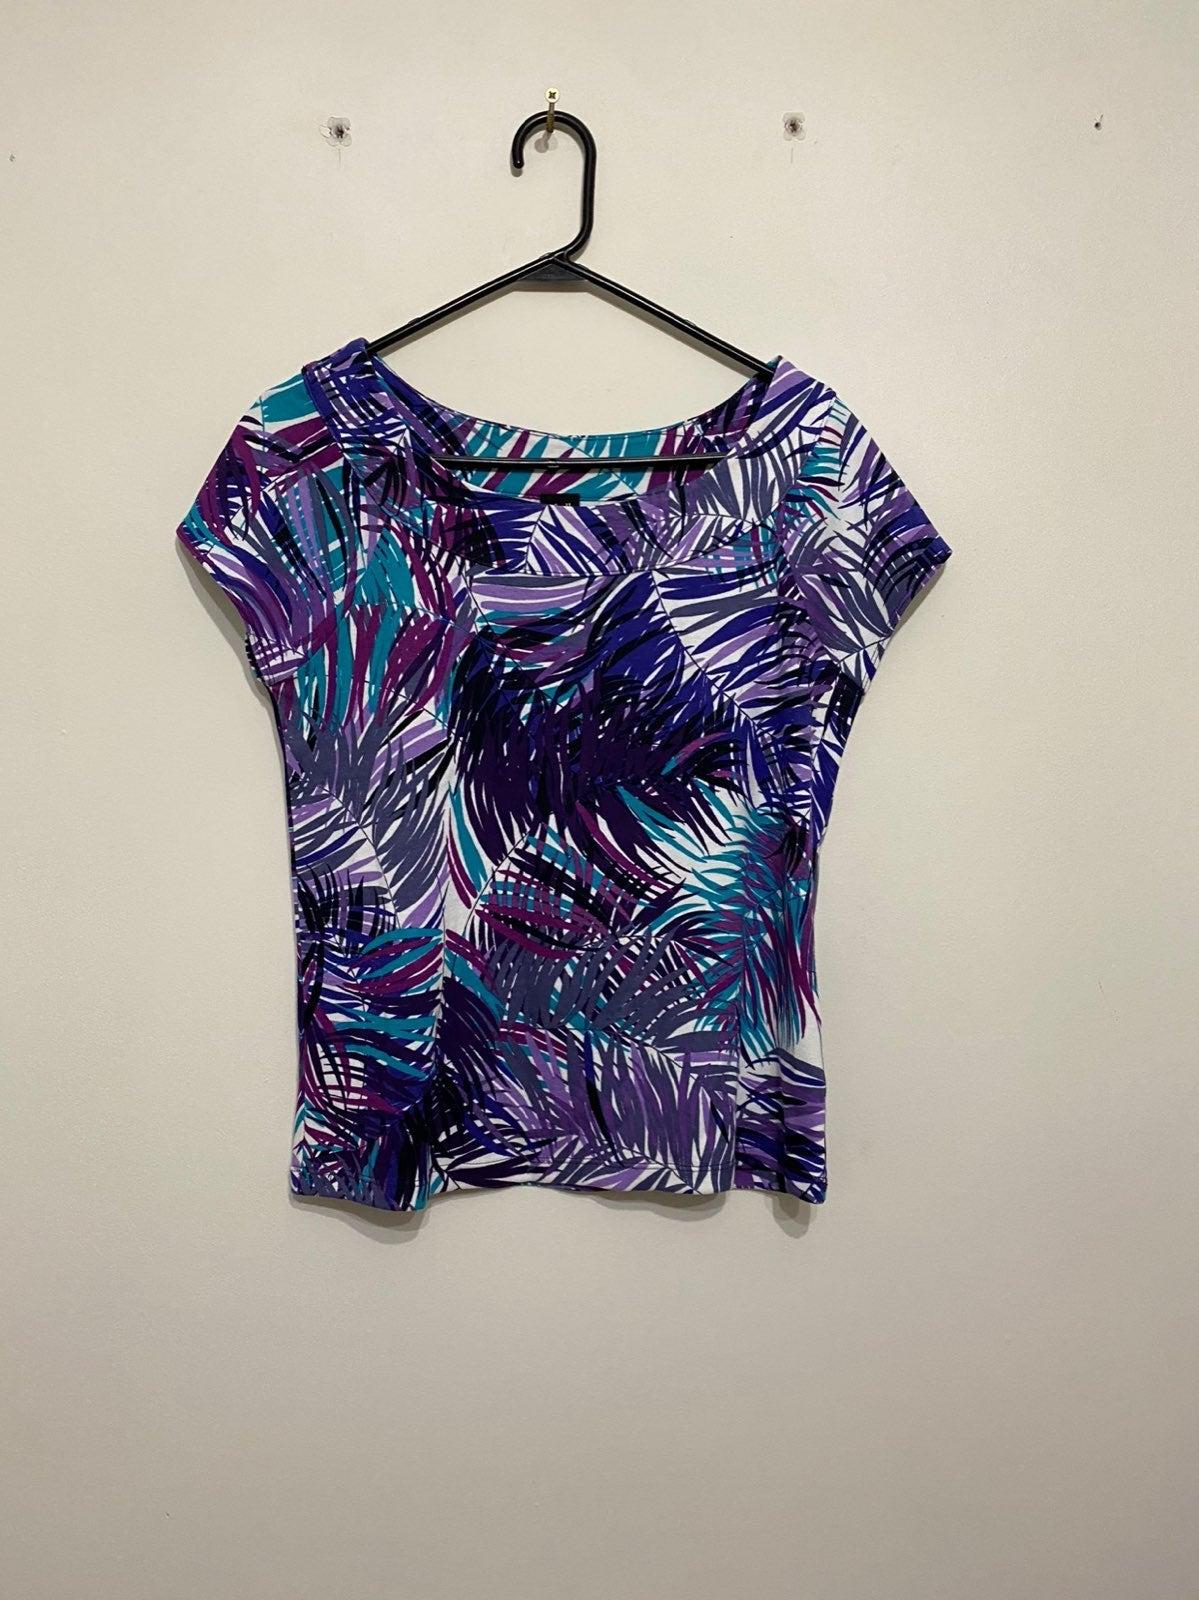 Rafaella t shirt